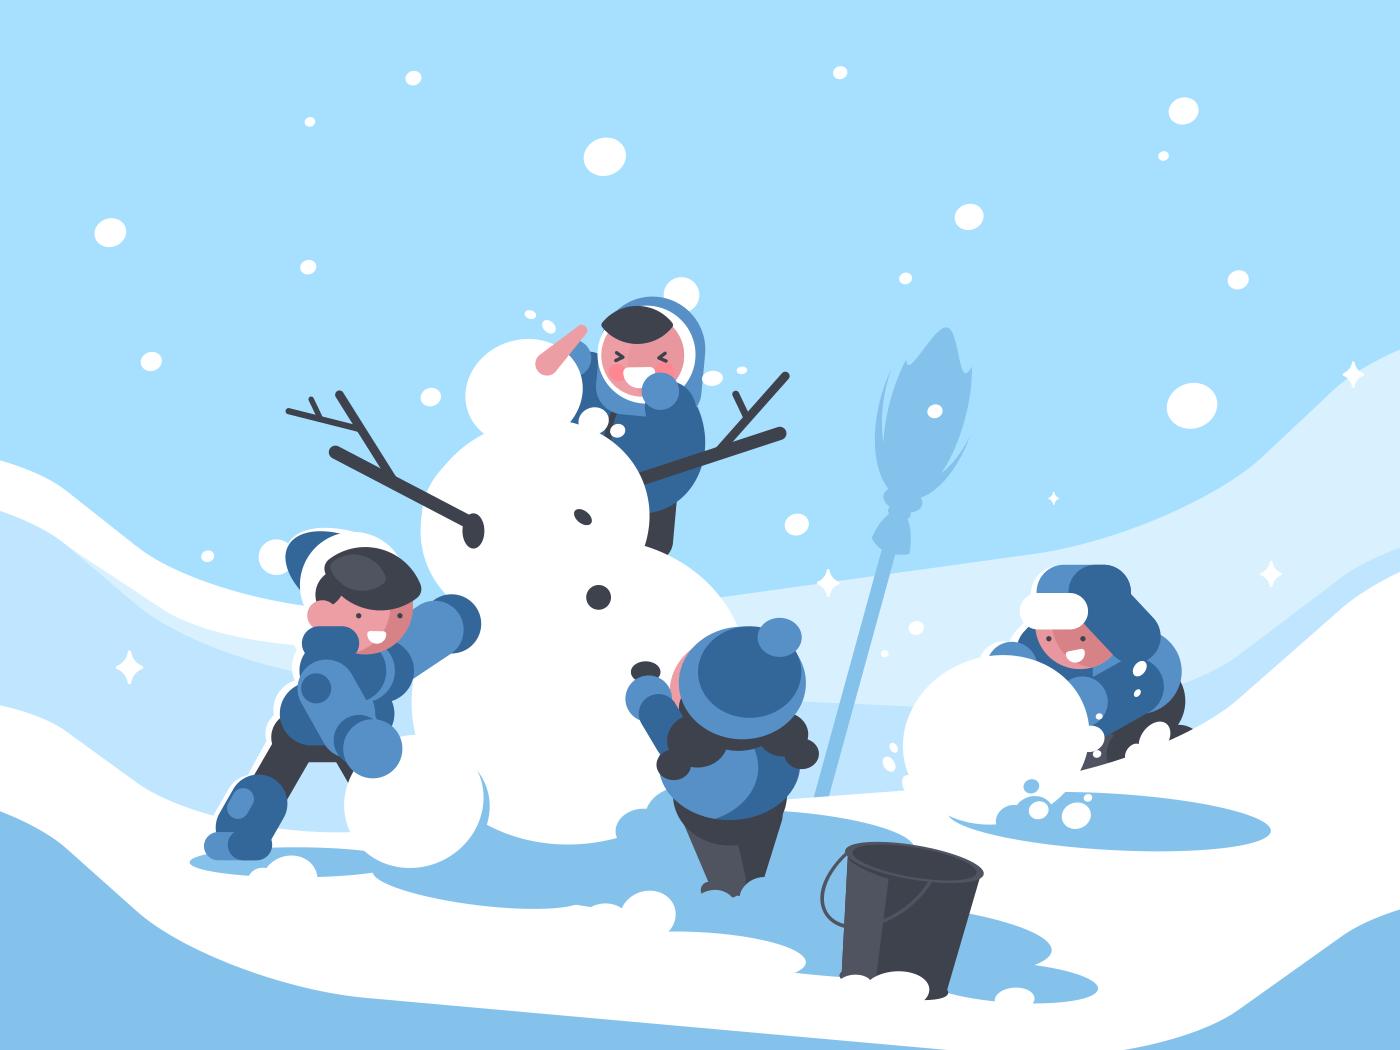 Children build snowman in winter. Childrens snowy fun. Vector illustration